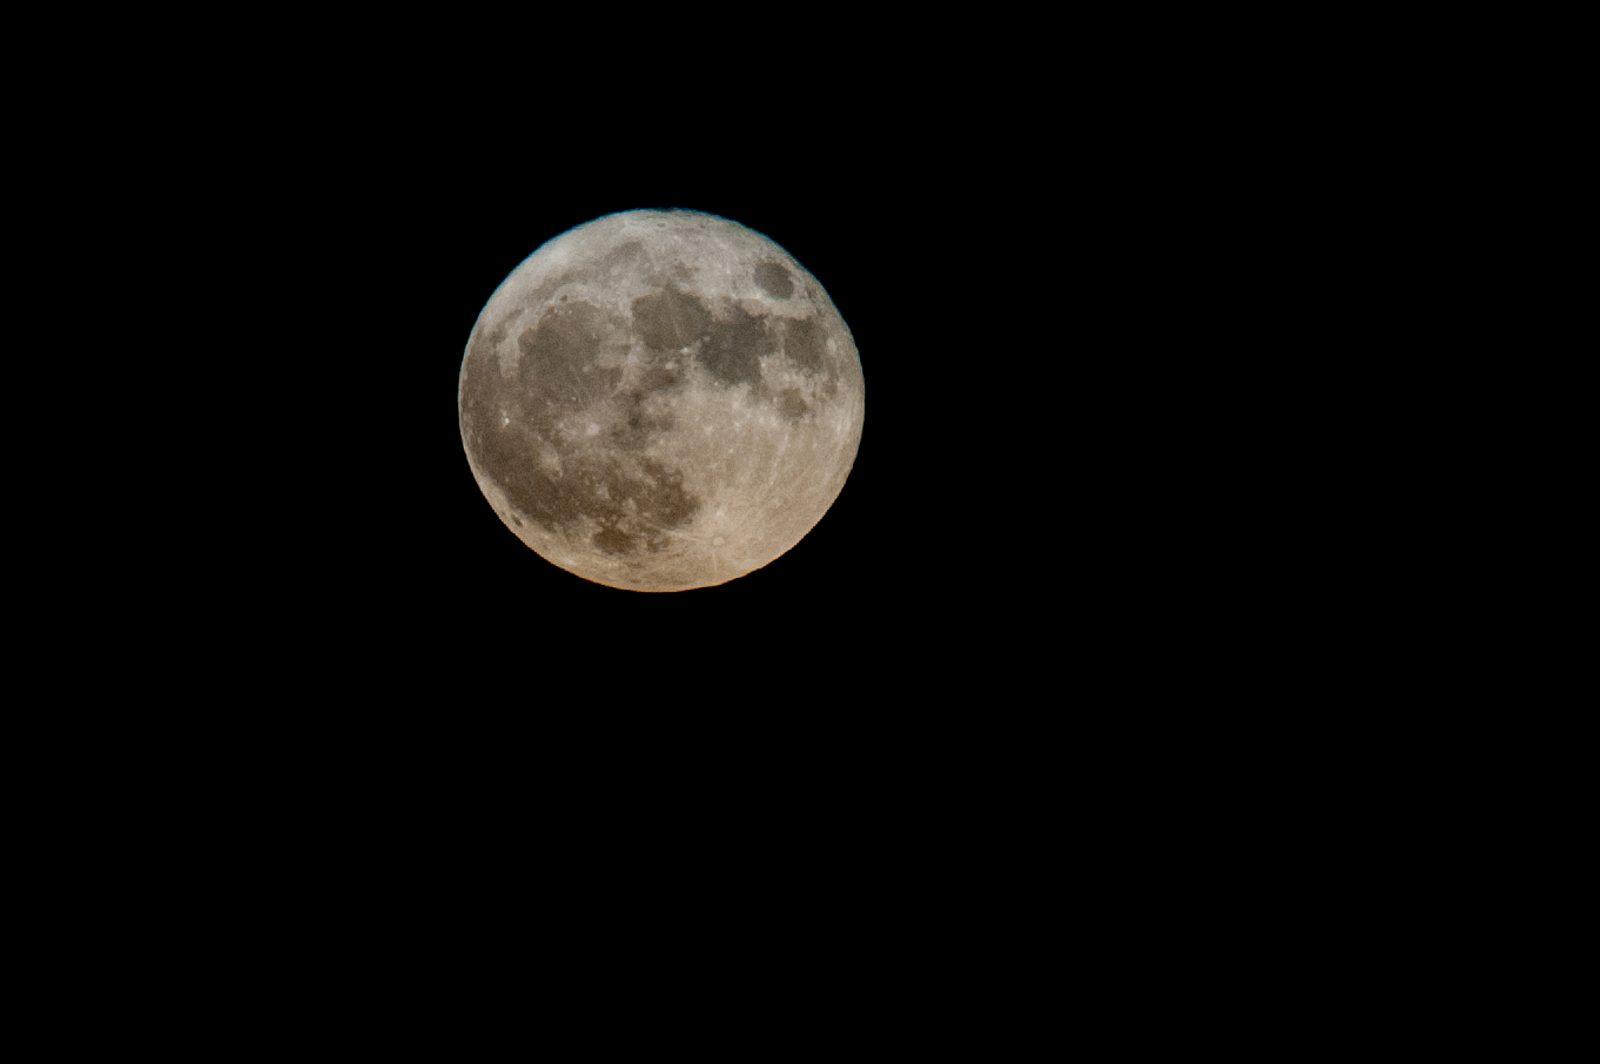 Un astronaute canadien autour de la Lune en 2023? Trois bémols